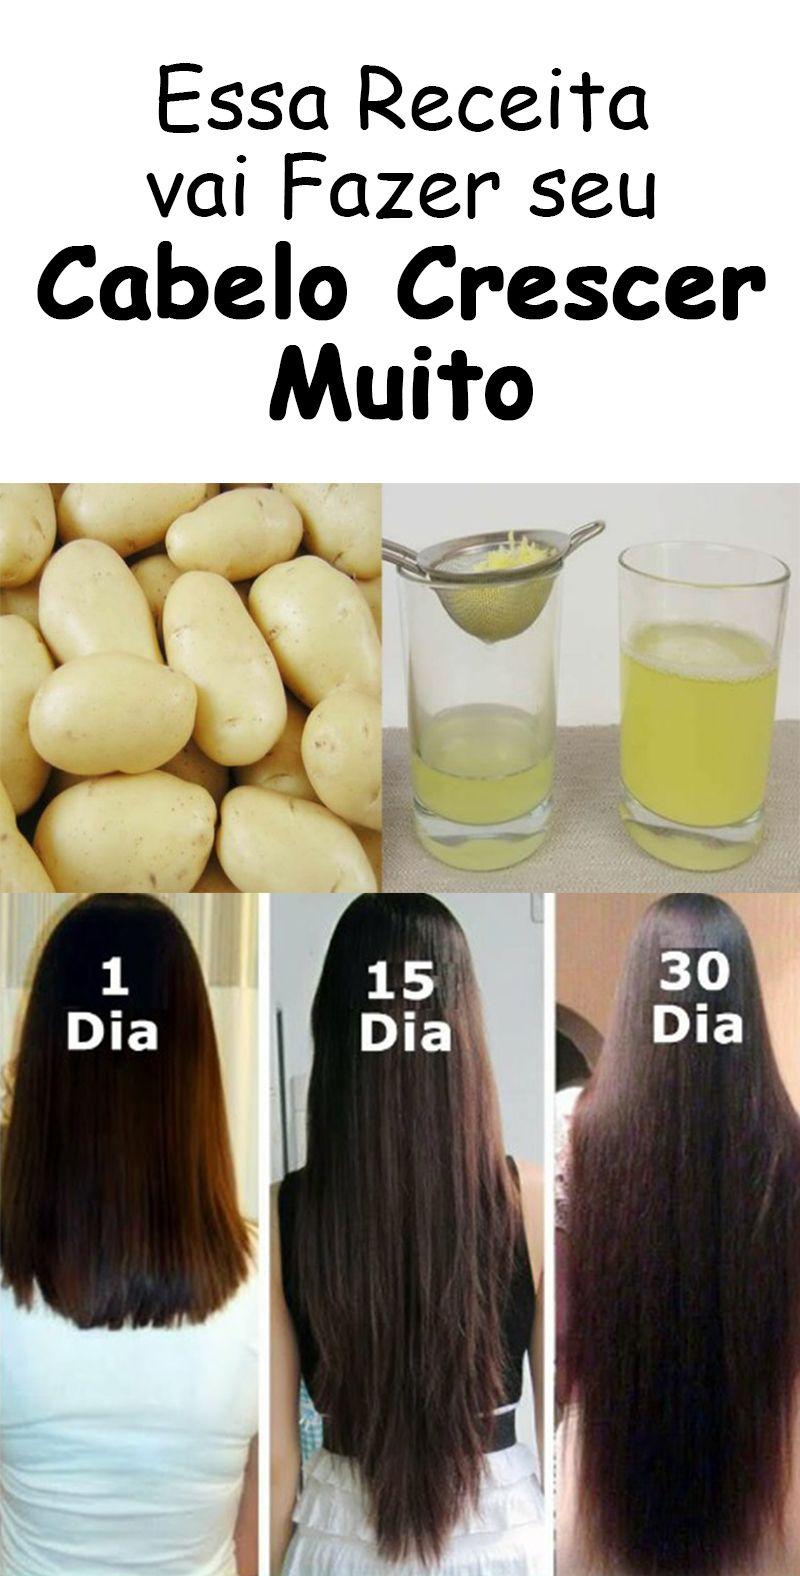 Receita de Suco de Batata Para Fazer o Cabelo Crescer #cabelo